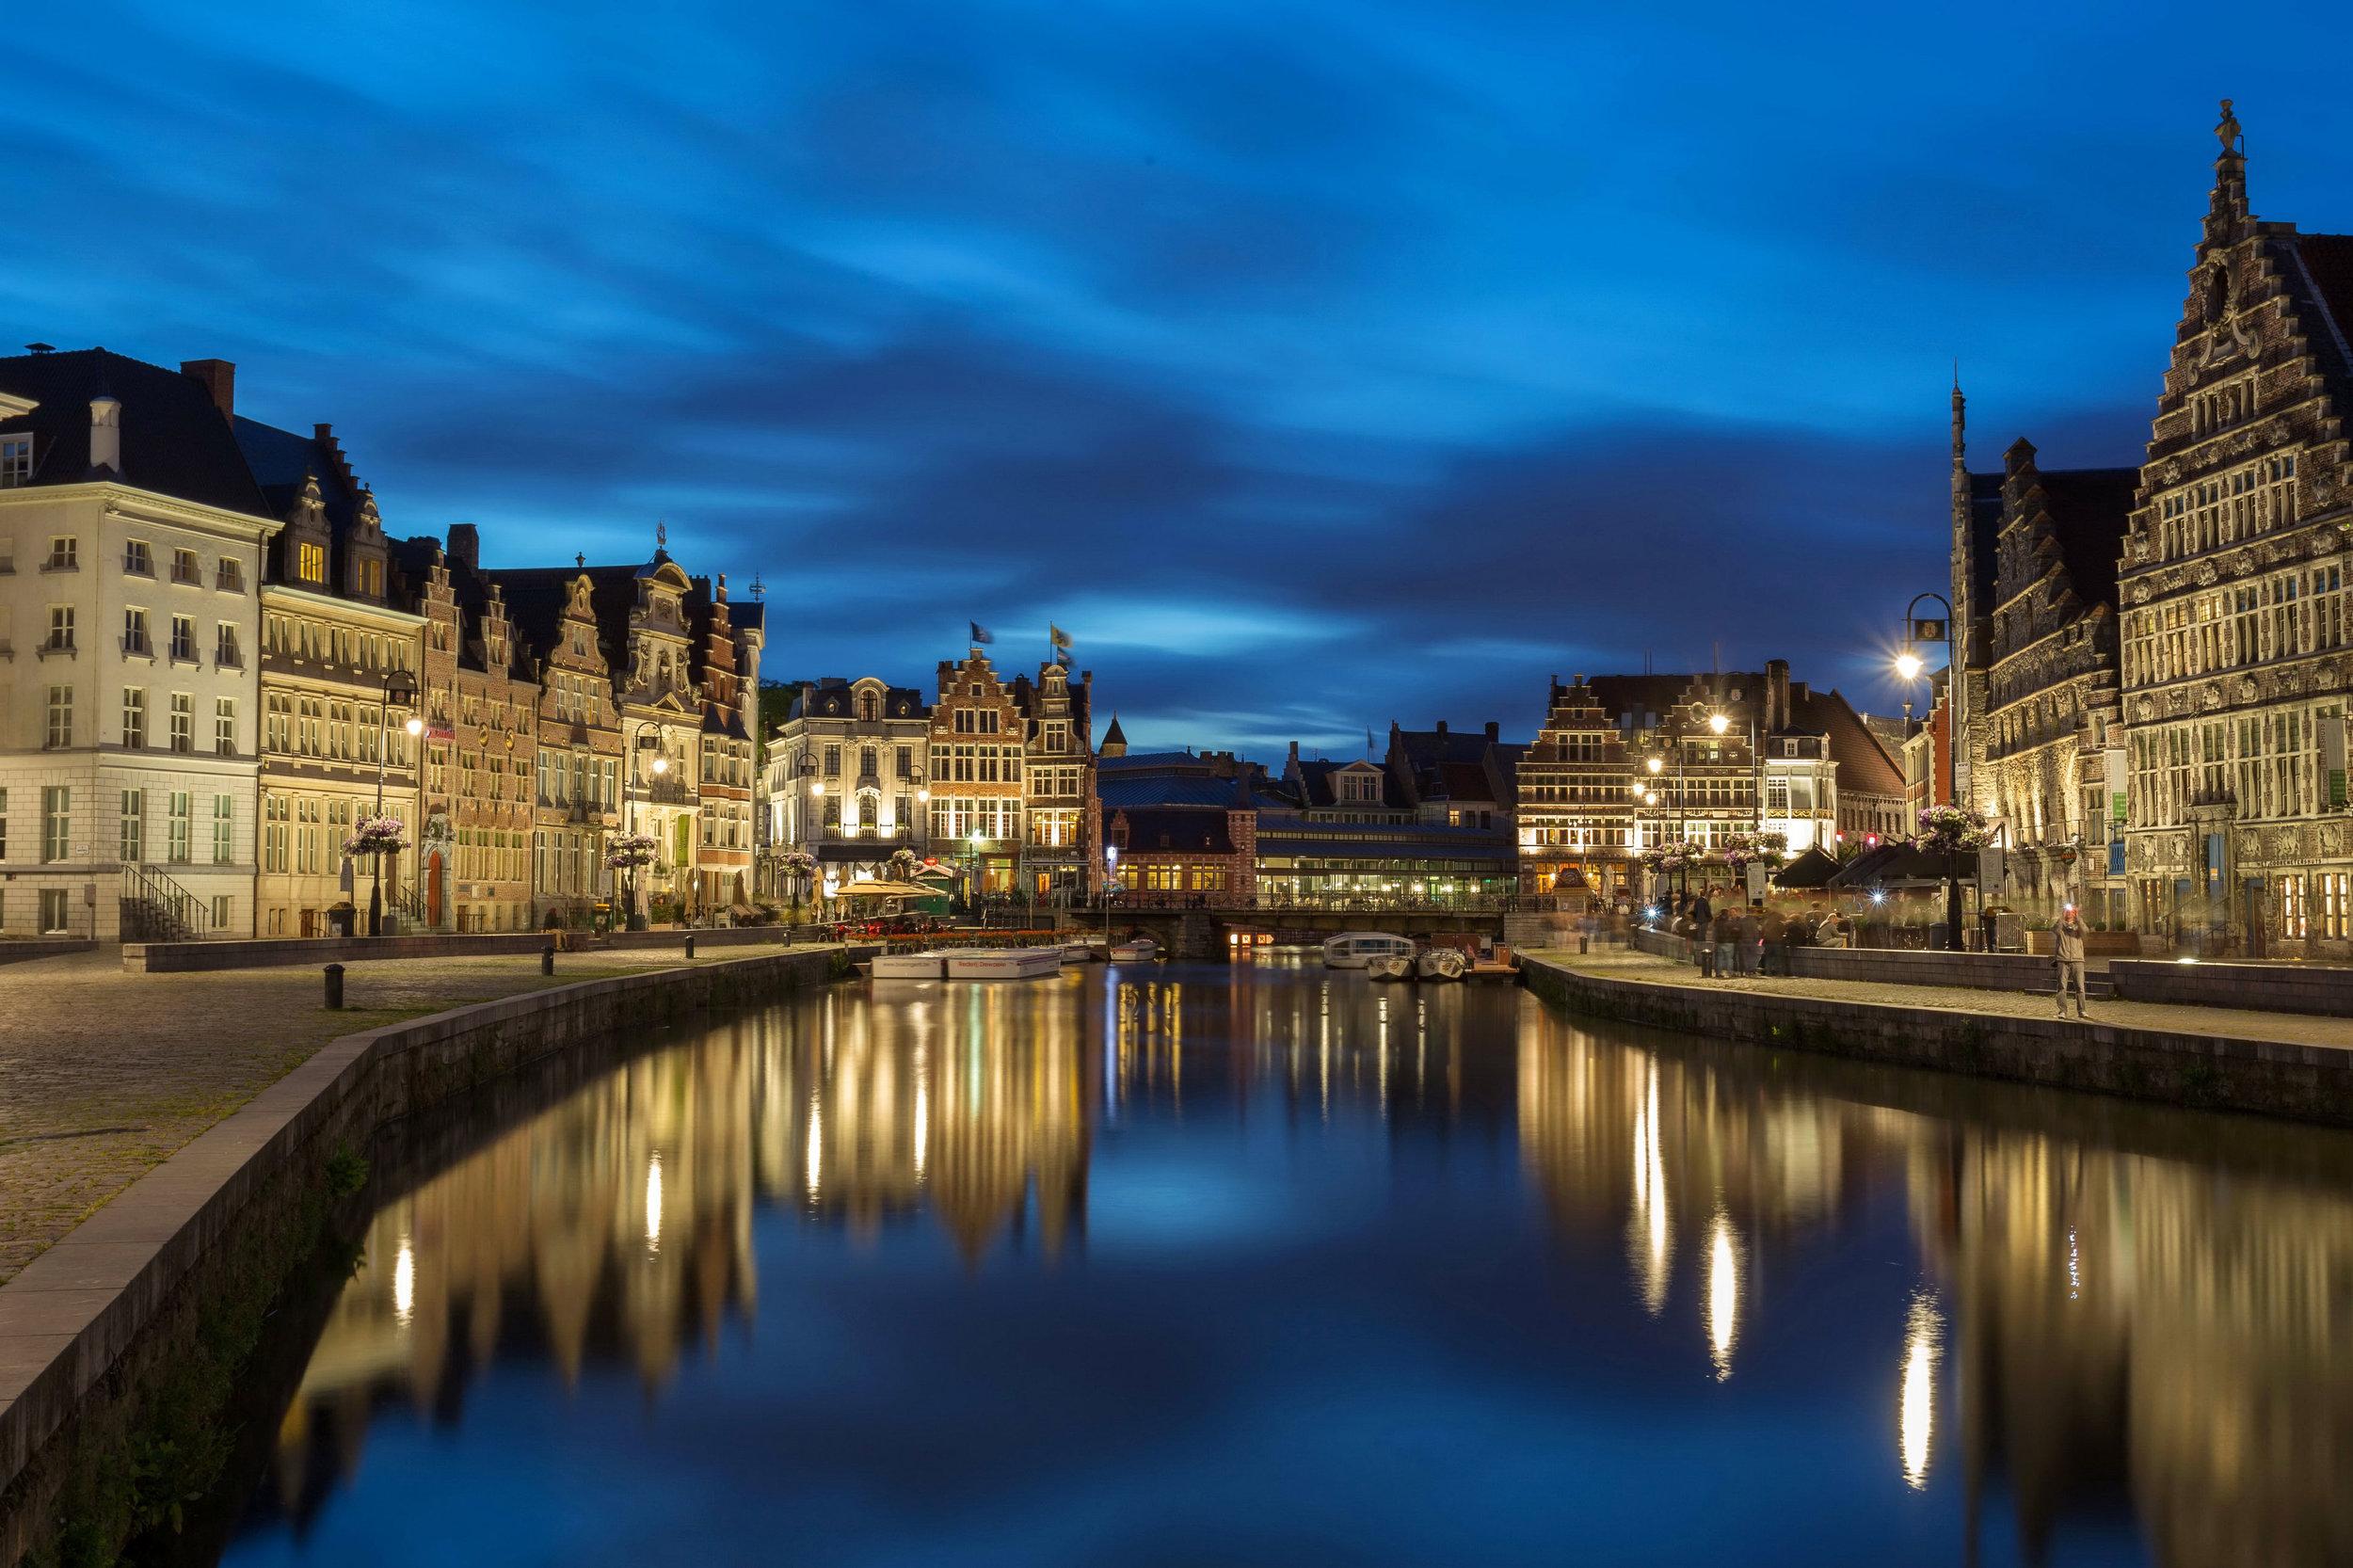 Ghent, BelgiumOne of Europe's oldest cities -